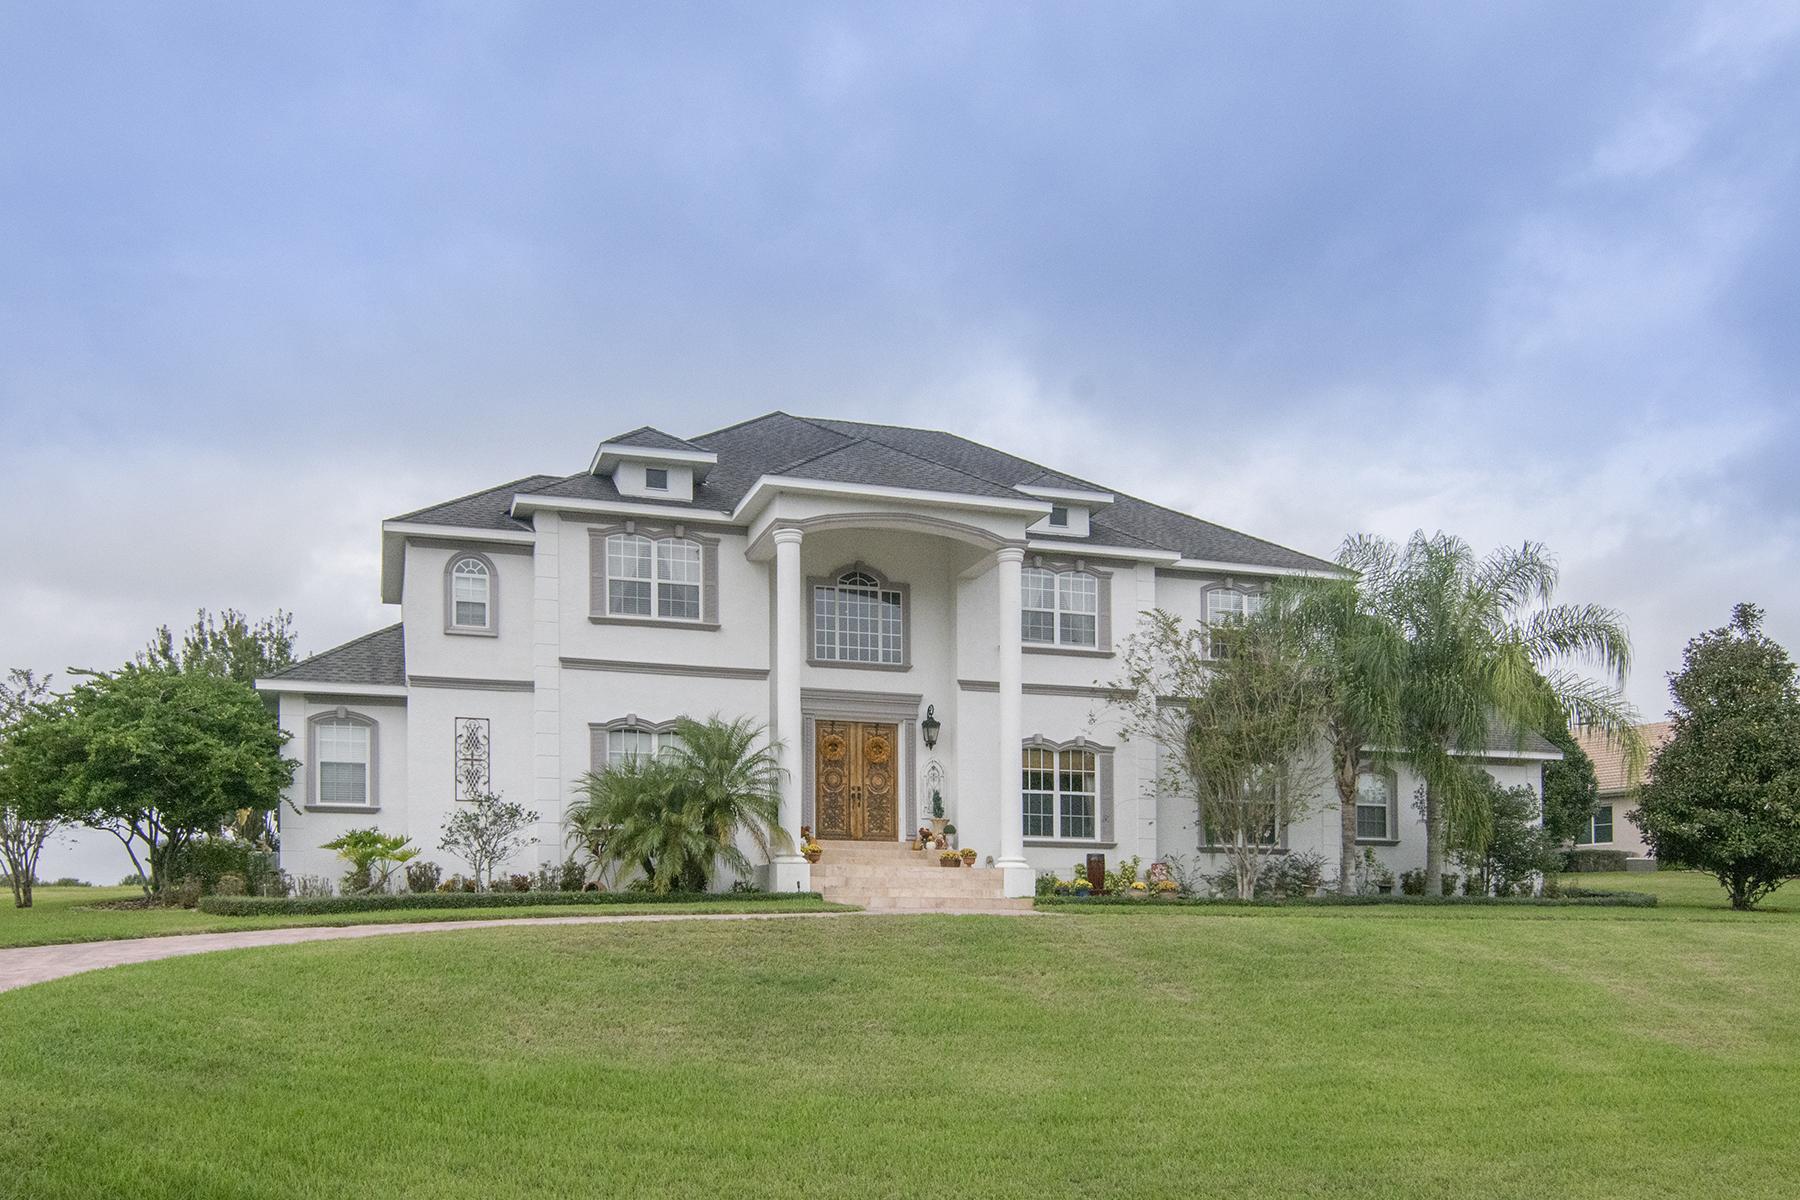 独户住宅 为 销售 在 LAKE JOVITA 12851 Ventana Ct 戴德城, 佛罗里达州, 33525 美国